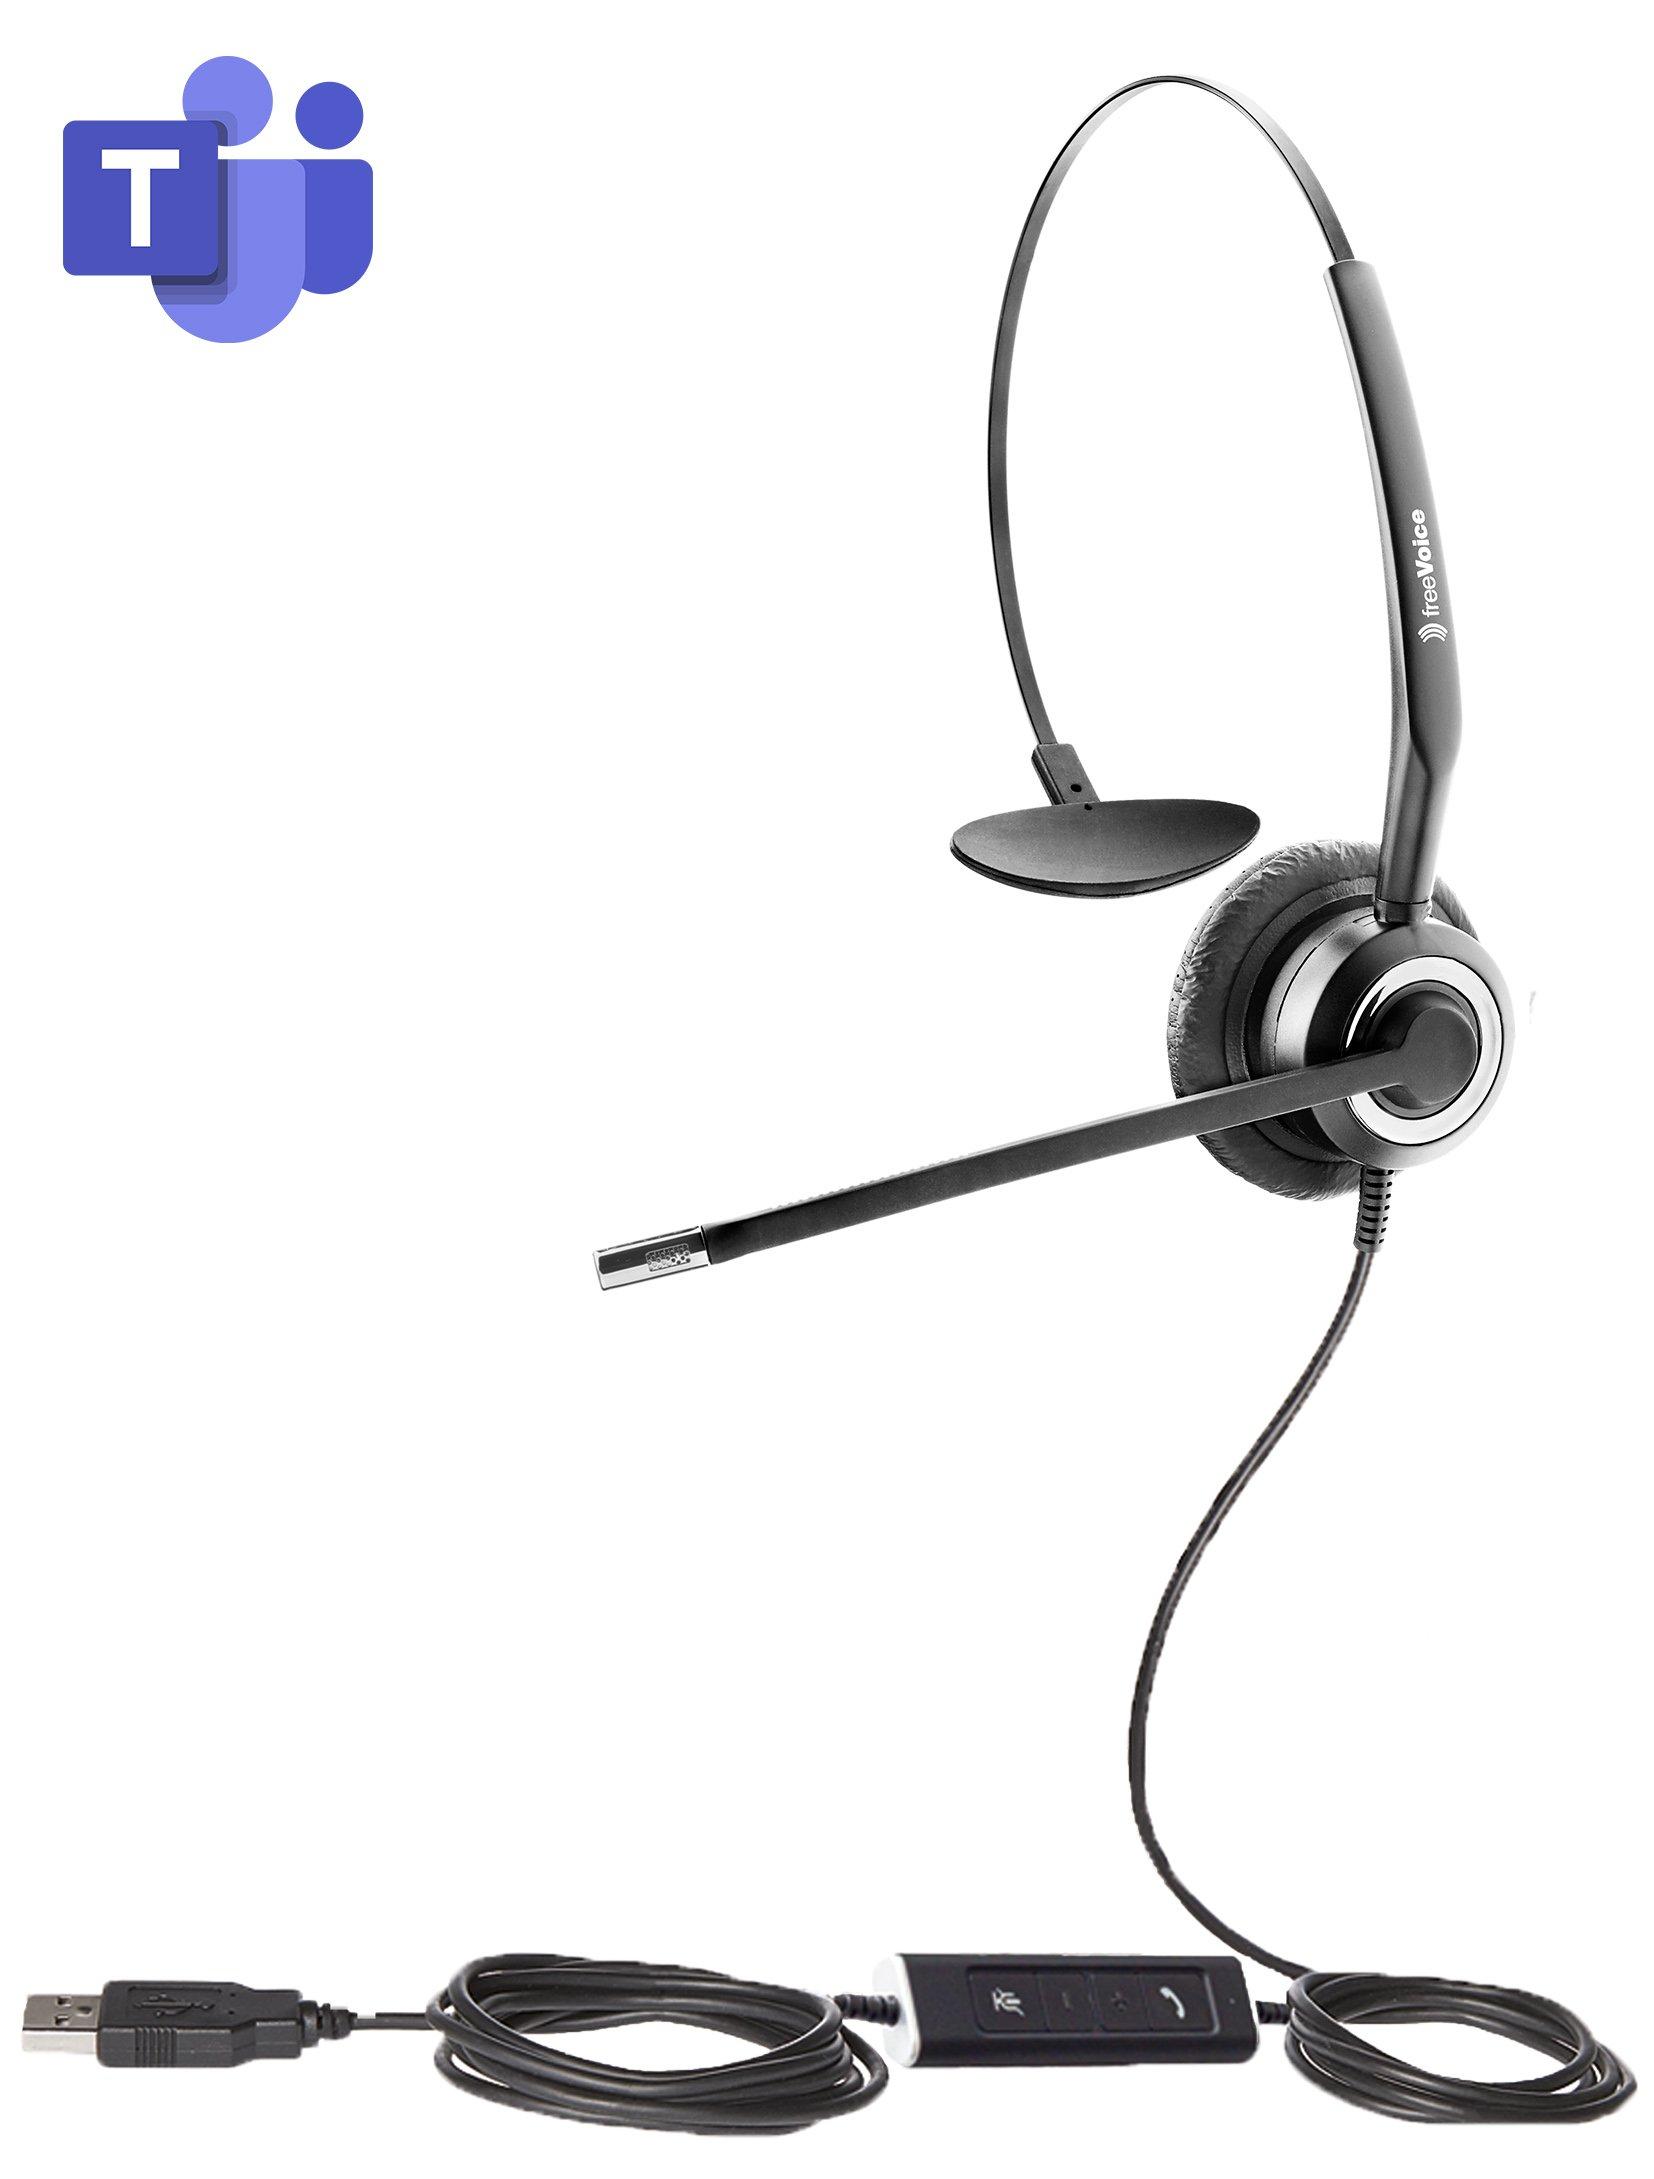 freeVoice SoundPro 412 UC Mono NC (USB-A)